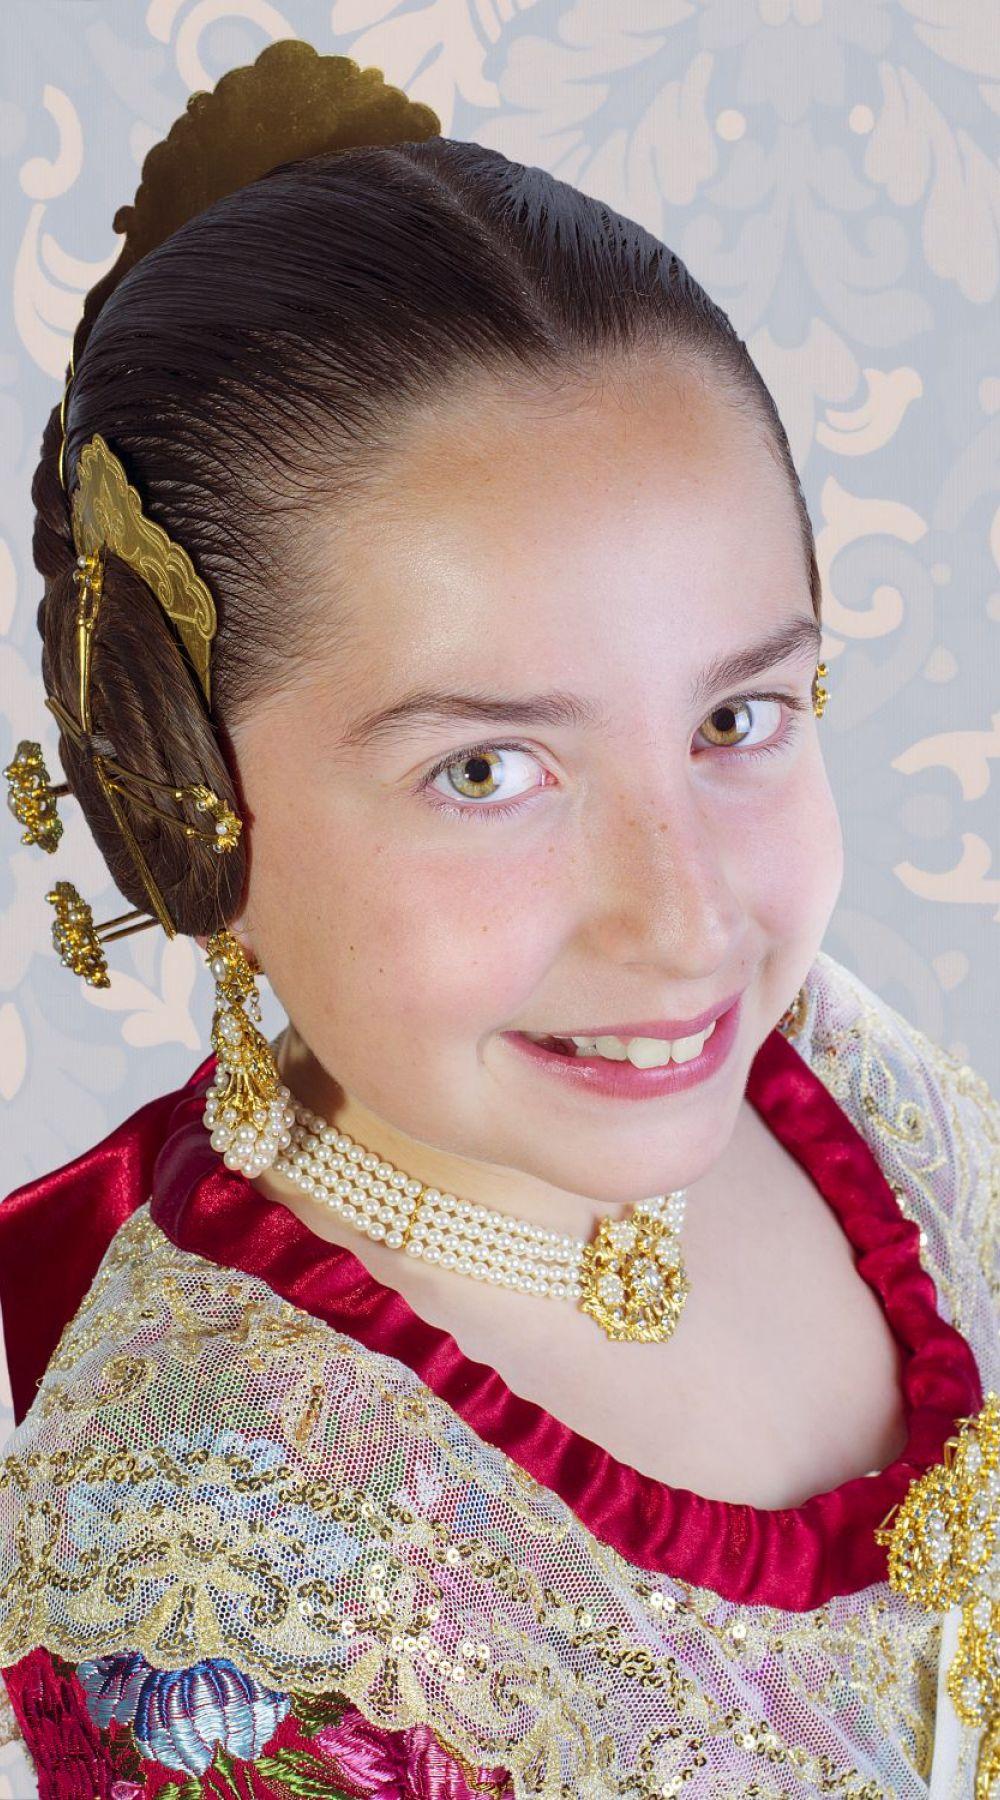 Irena Morillas Garrido